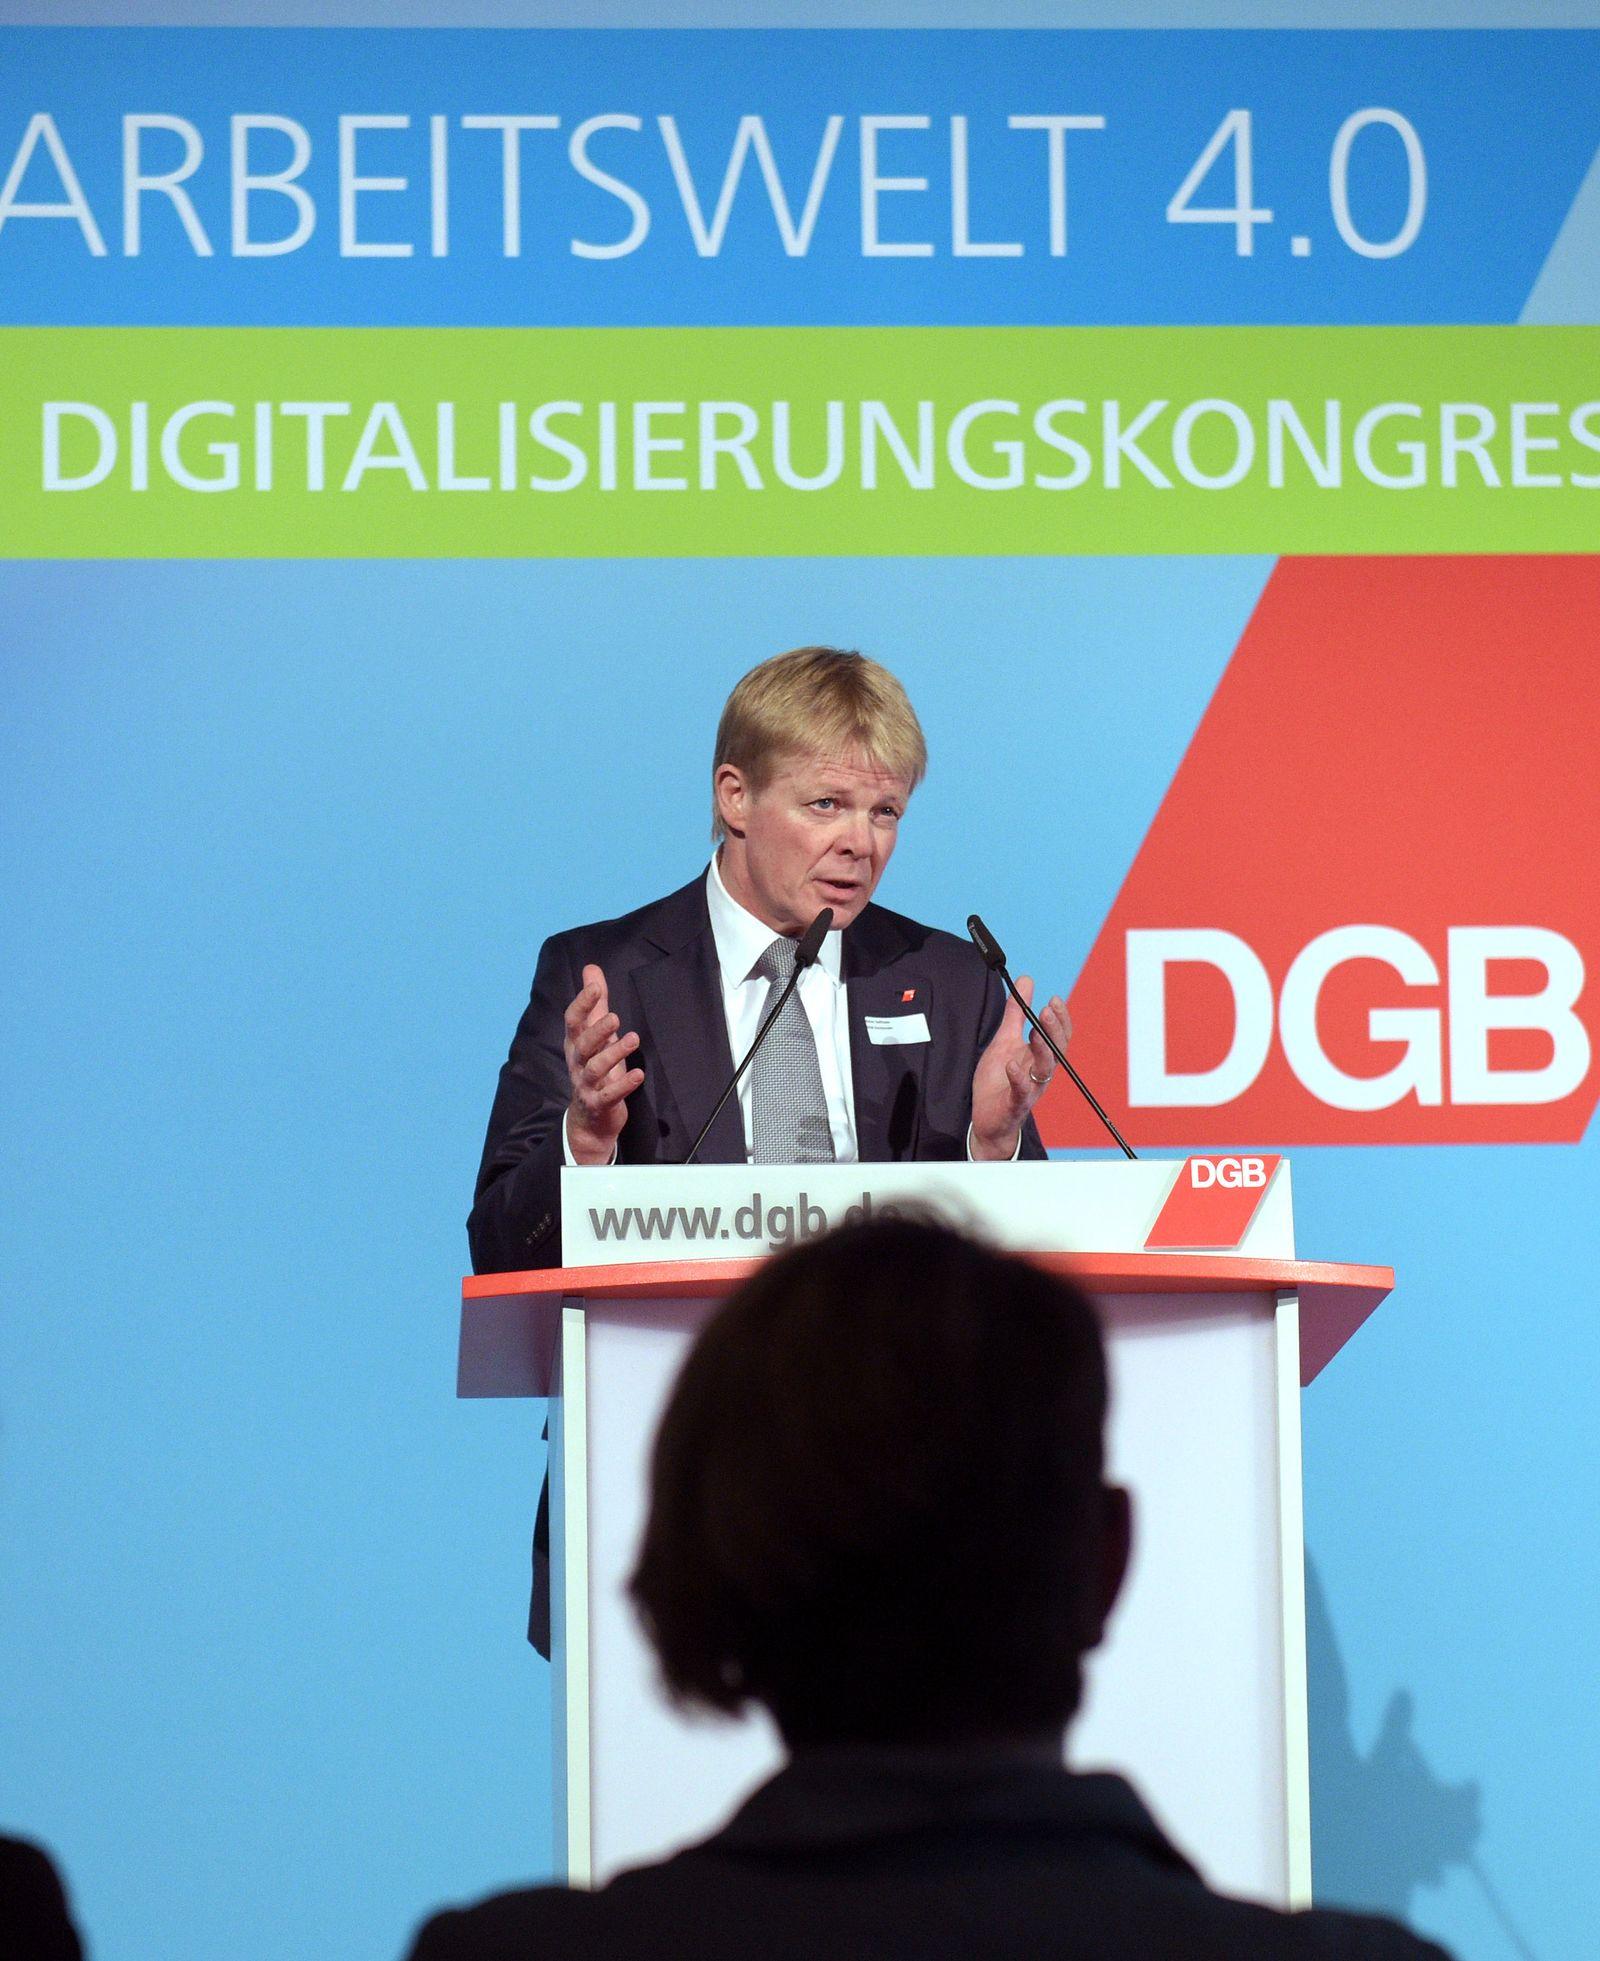 DGB-Kongress zur Arbeitswelt 4.0